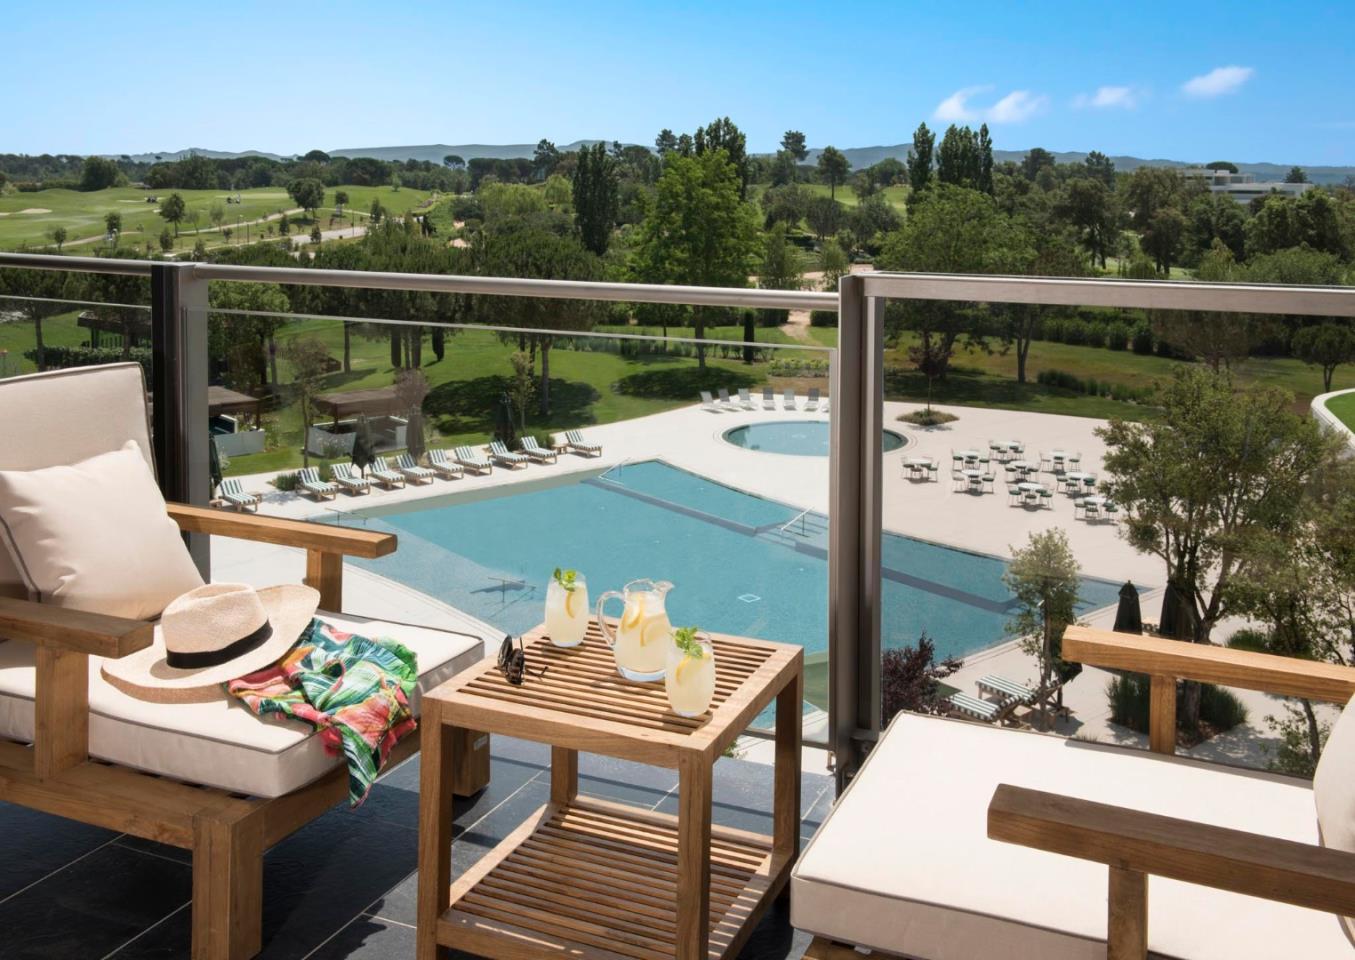 Hotel Camiral at PGA Catalunya Resort - 5 nights & 4 rounds